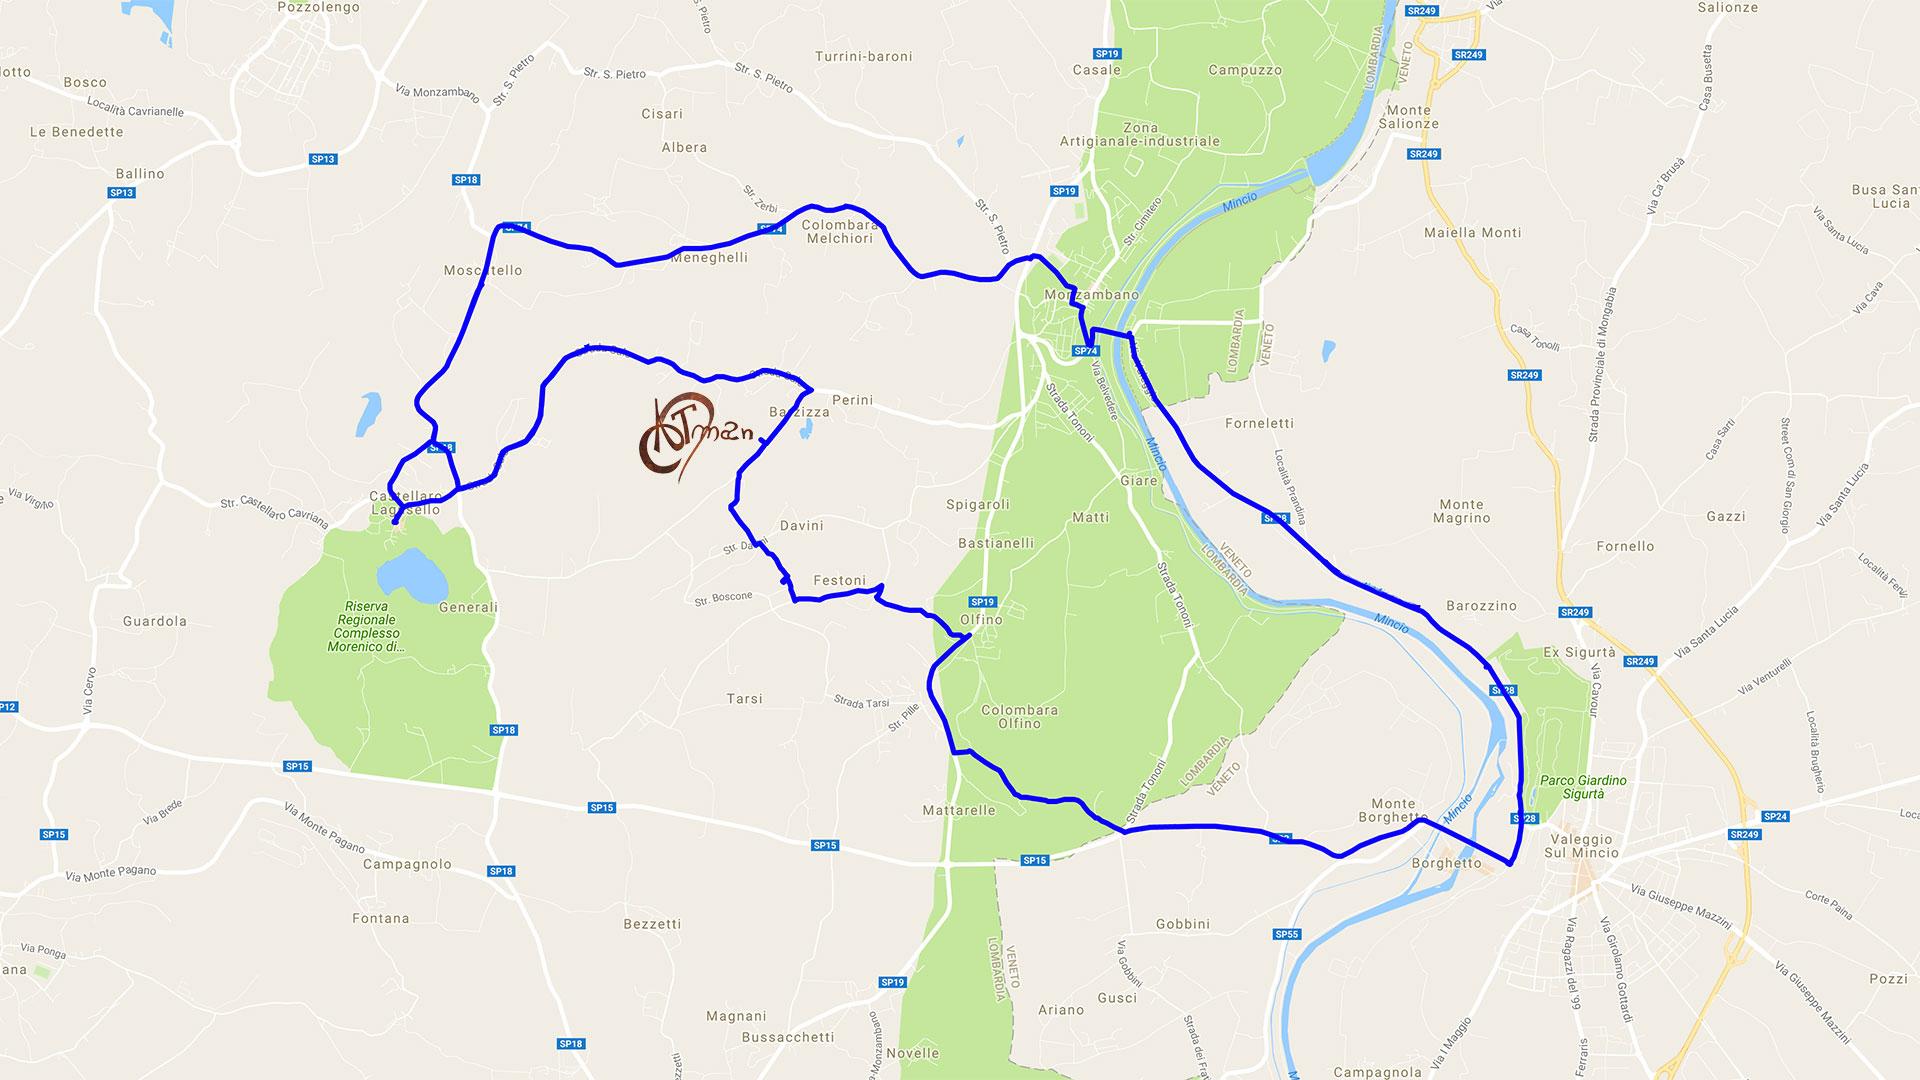 Percorso-Castellaro-Monzambano-Valeggio-Borghetto